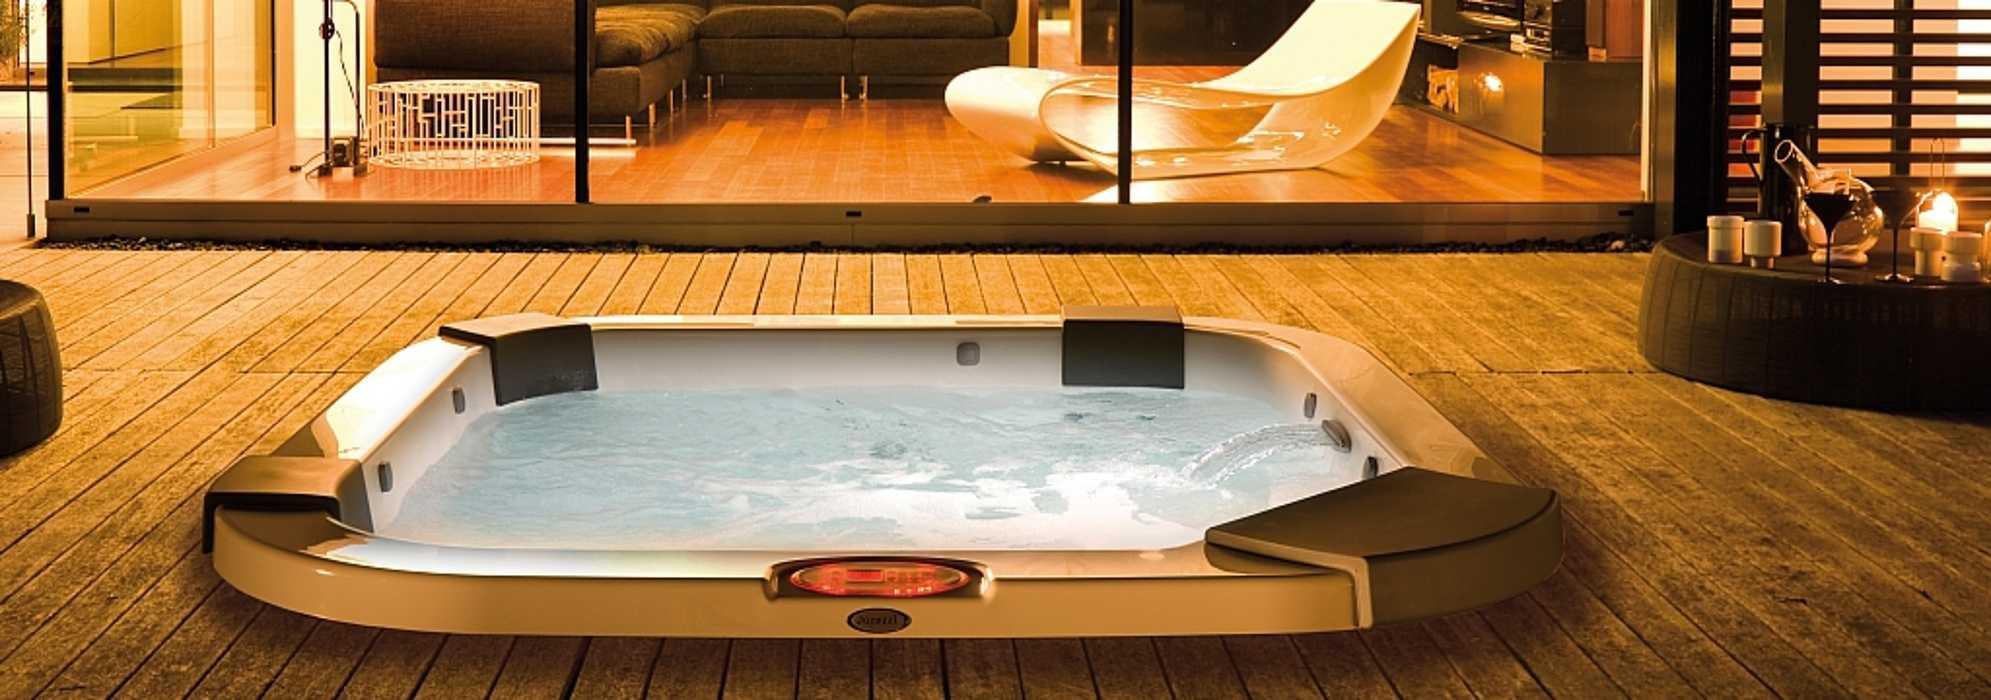 Jacuzzi® Santorini Pro : le spa pour petits espaces 0